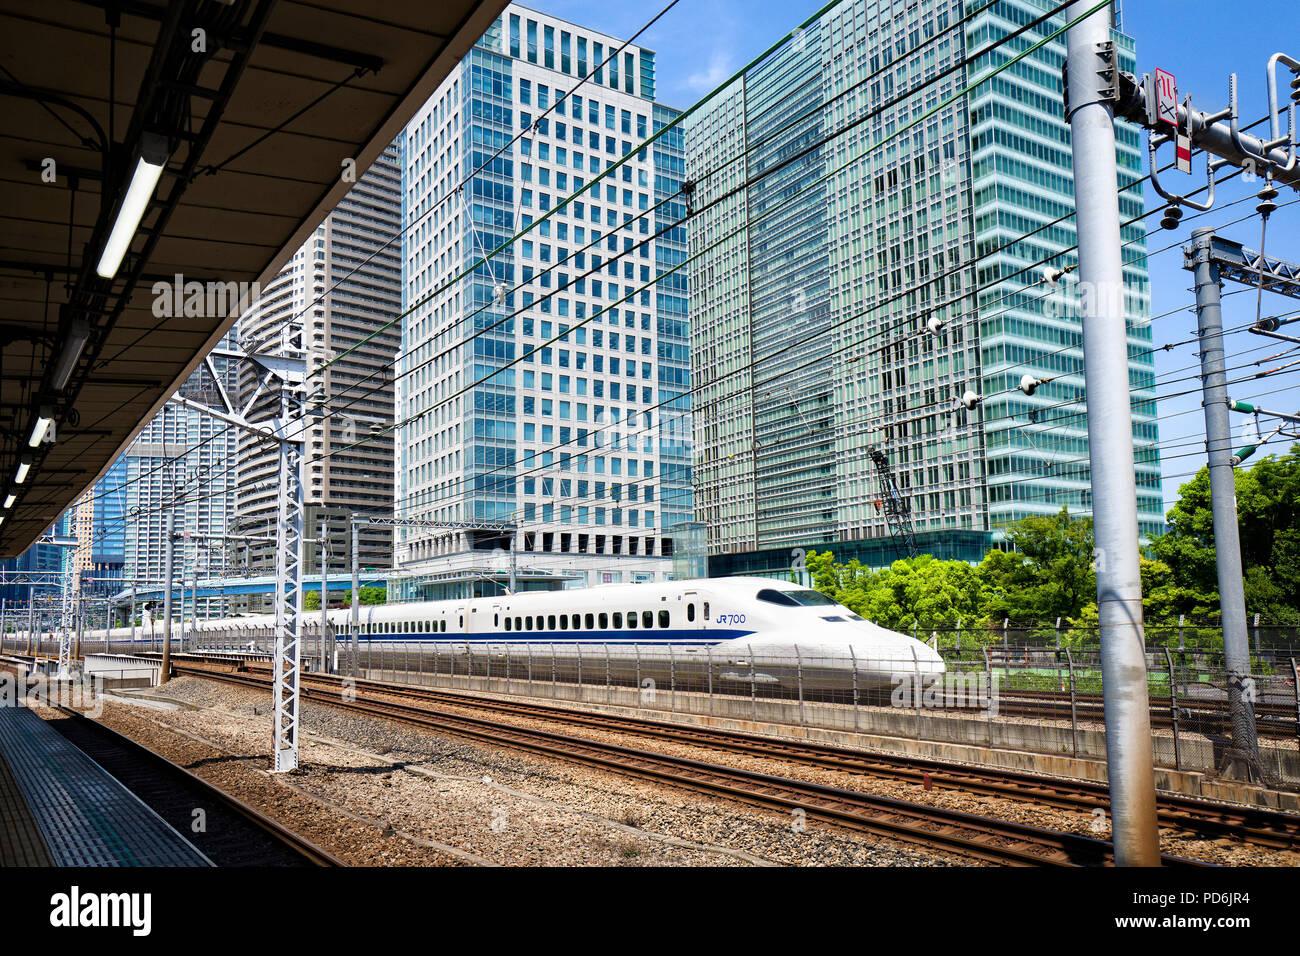 Giappone, isola di Honshu, Kanto, Tokyo, un Shinkansen in esecuzione in Tokyo. Immagini Stock